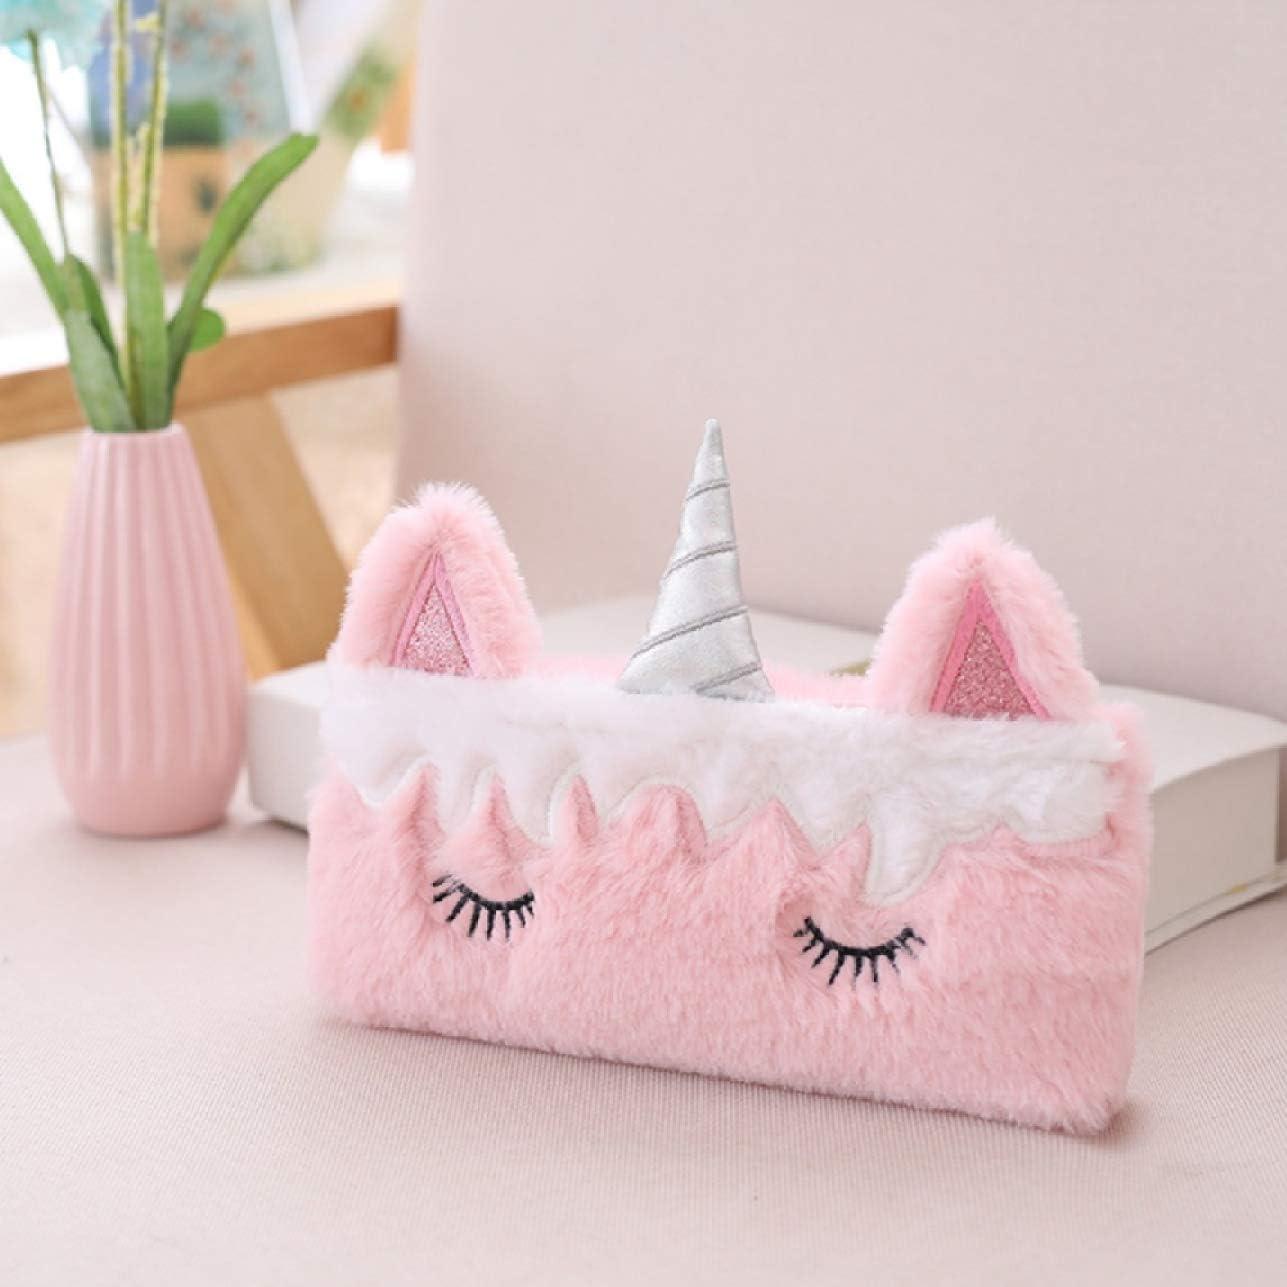 K Rare - Estuche de peluche con diseño de cuerno de unicornio c: Amazon.es: Hogar